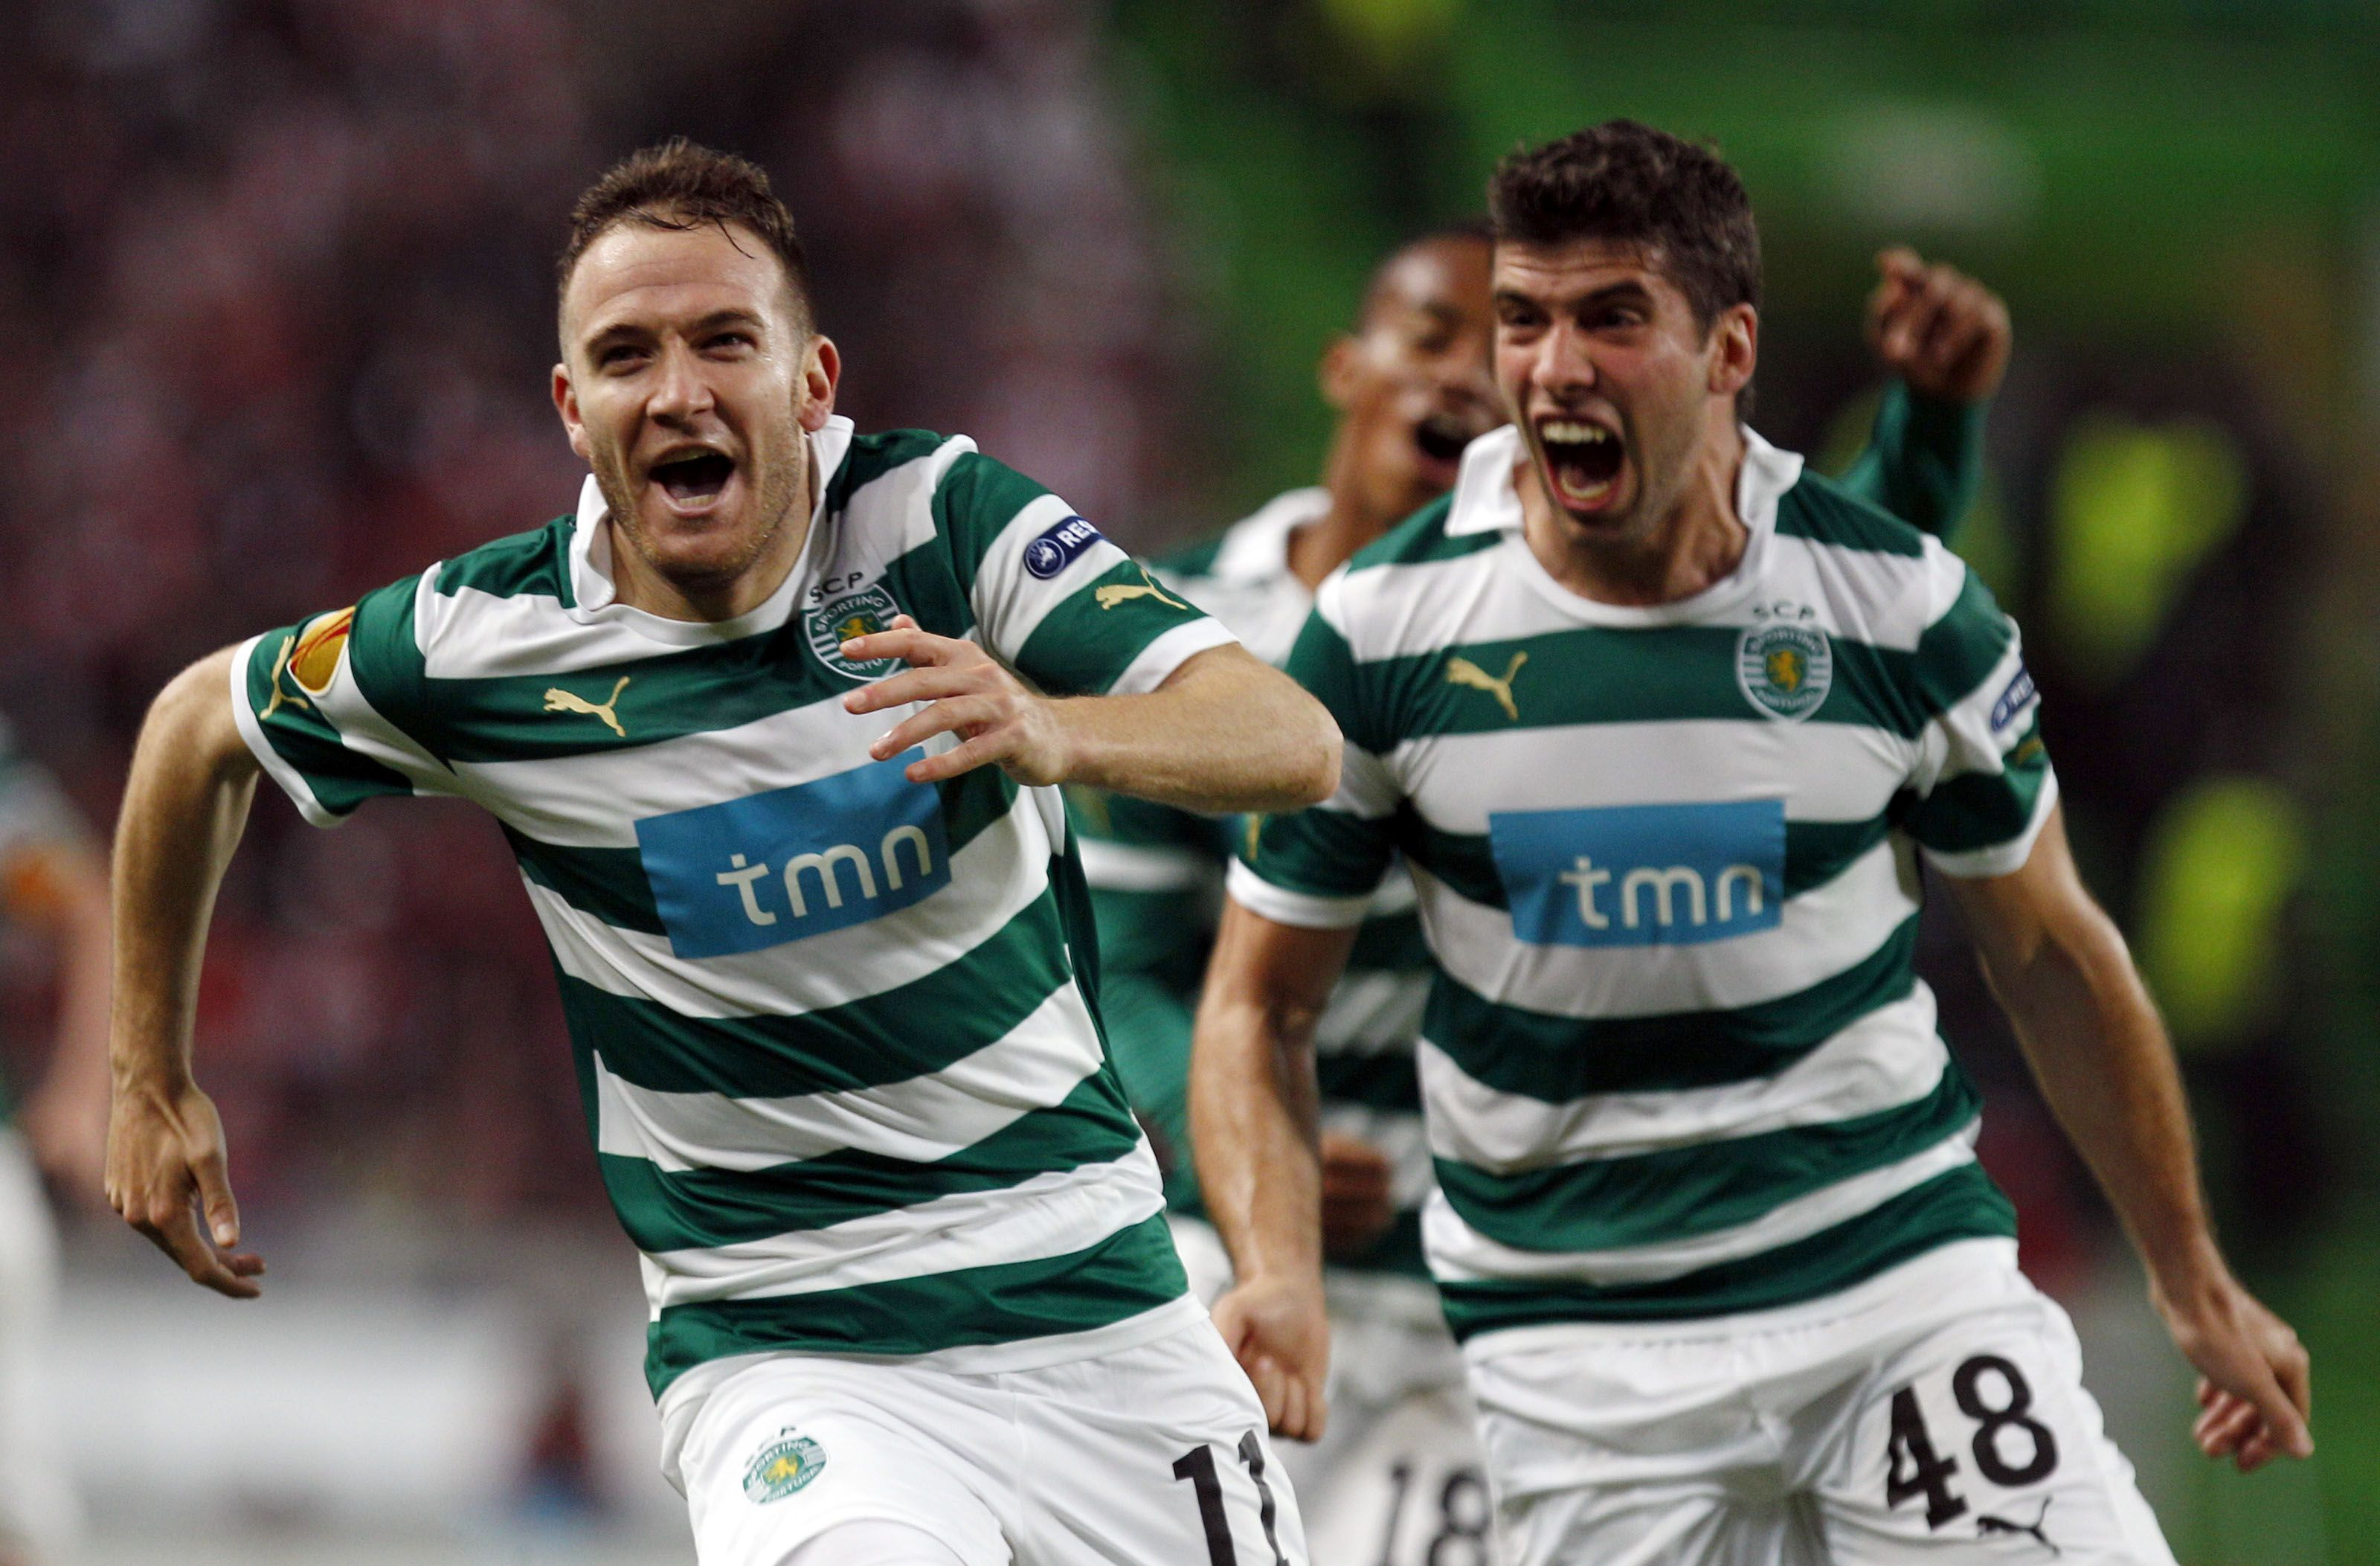 Liga de Europa: el Athletic de Bilbao perdió con Sporting Lisboa y se complicó